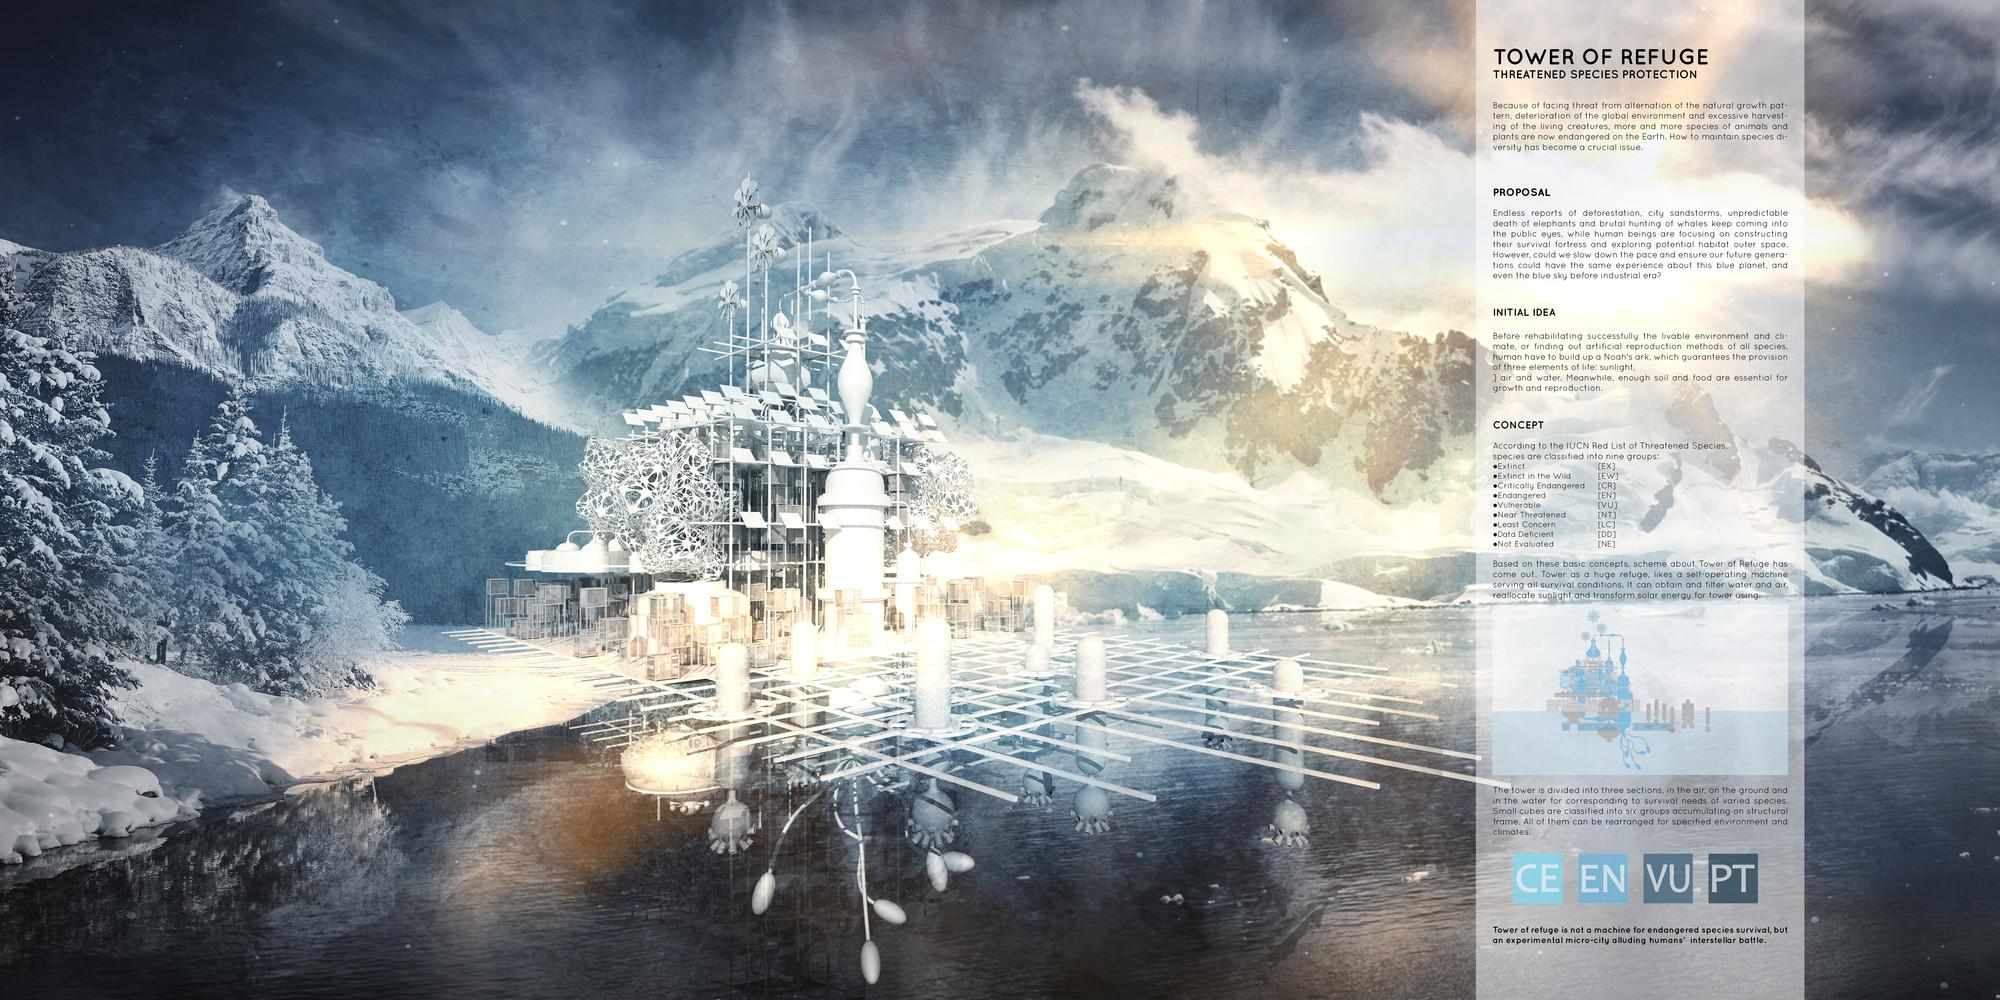 """Mención honrosa: """"Tower of Refuge"""" / Qidan Chen. Imagen cortesía de eVolo"""